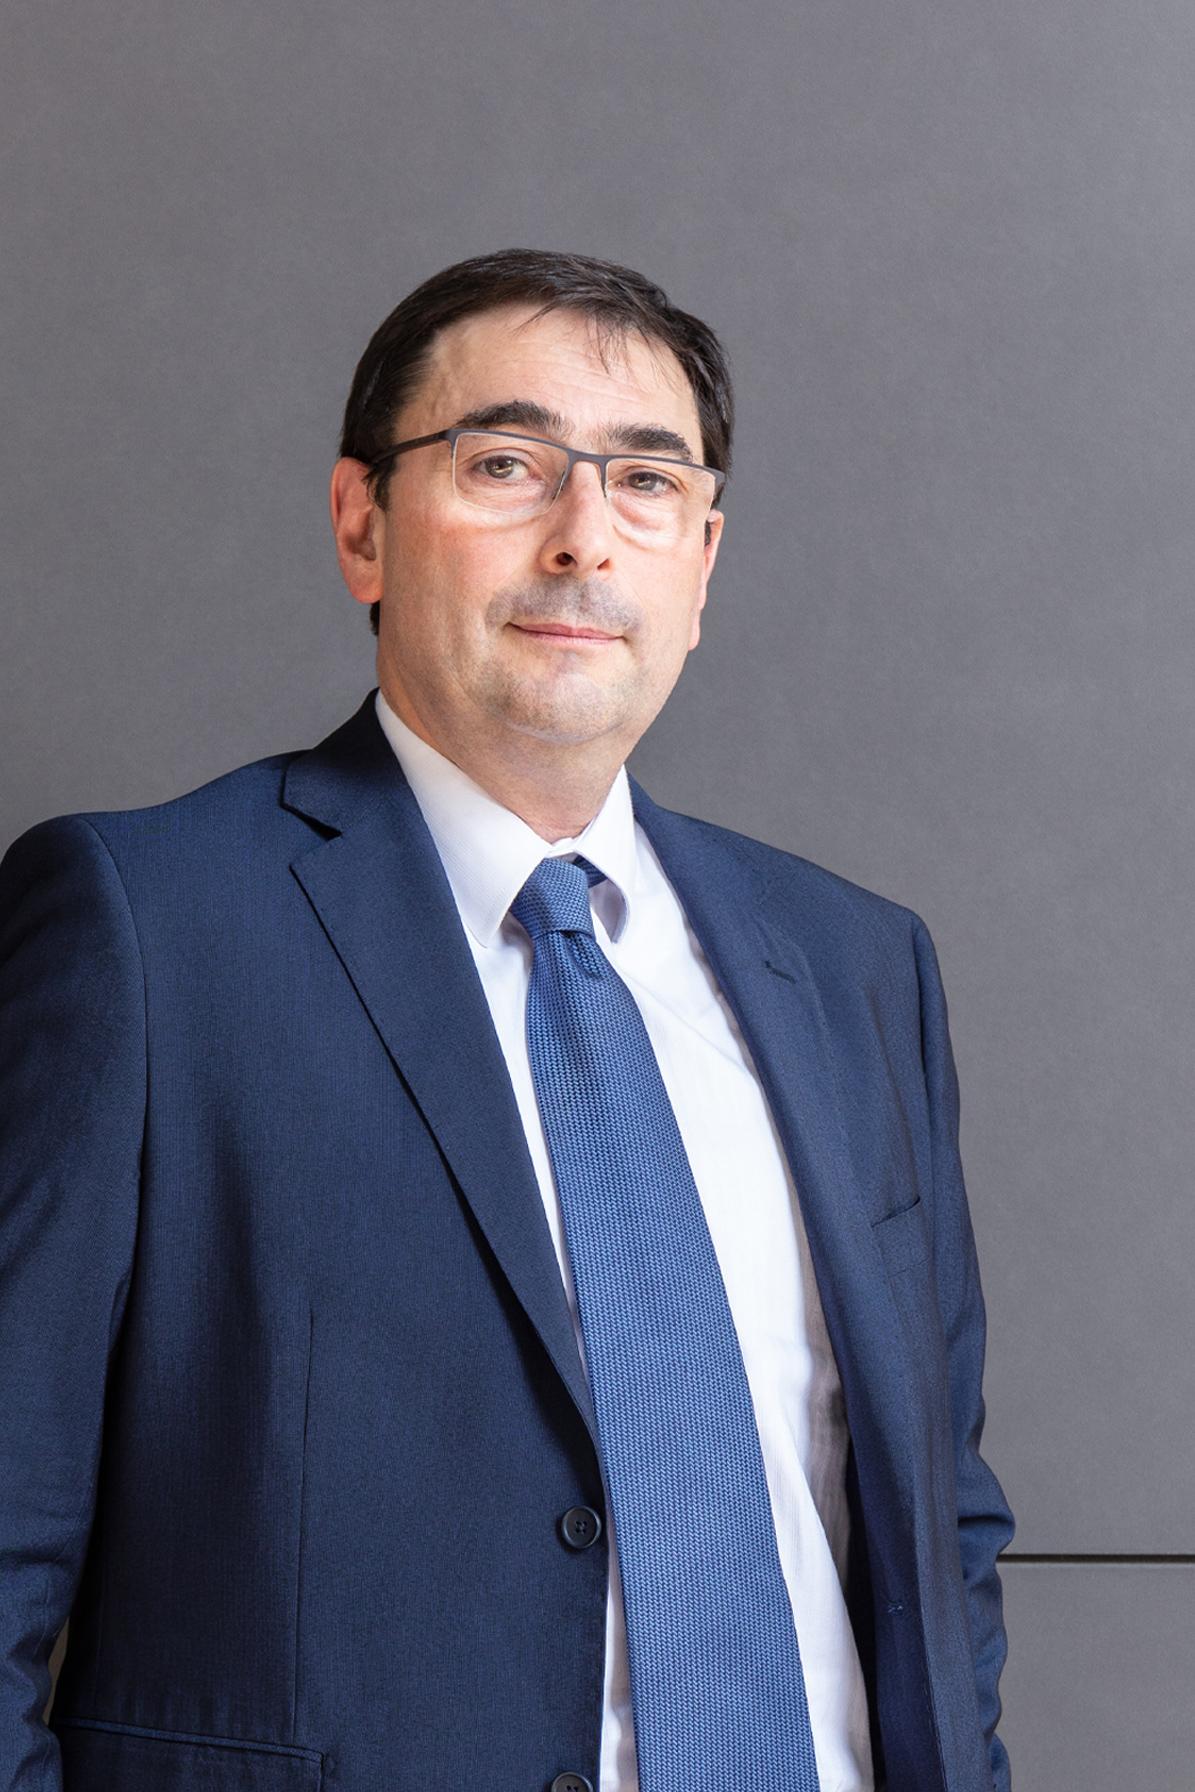 Stefano Baruzzi